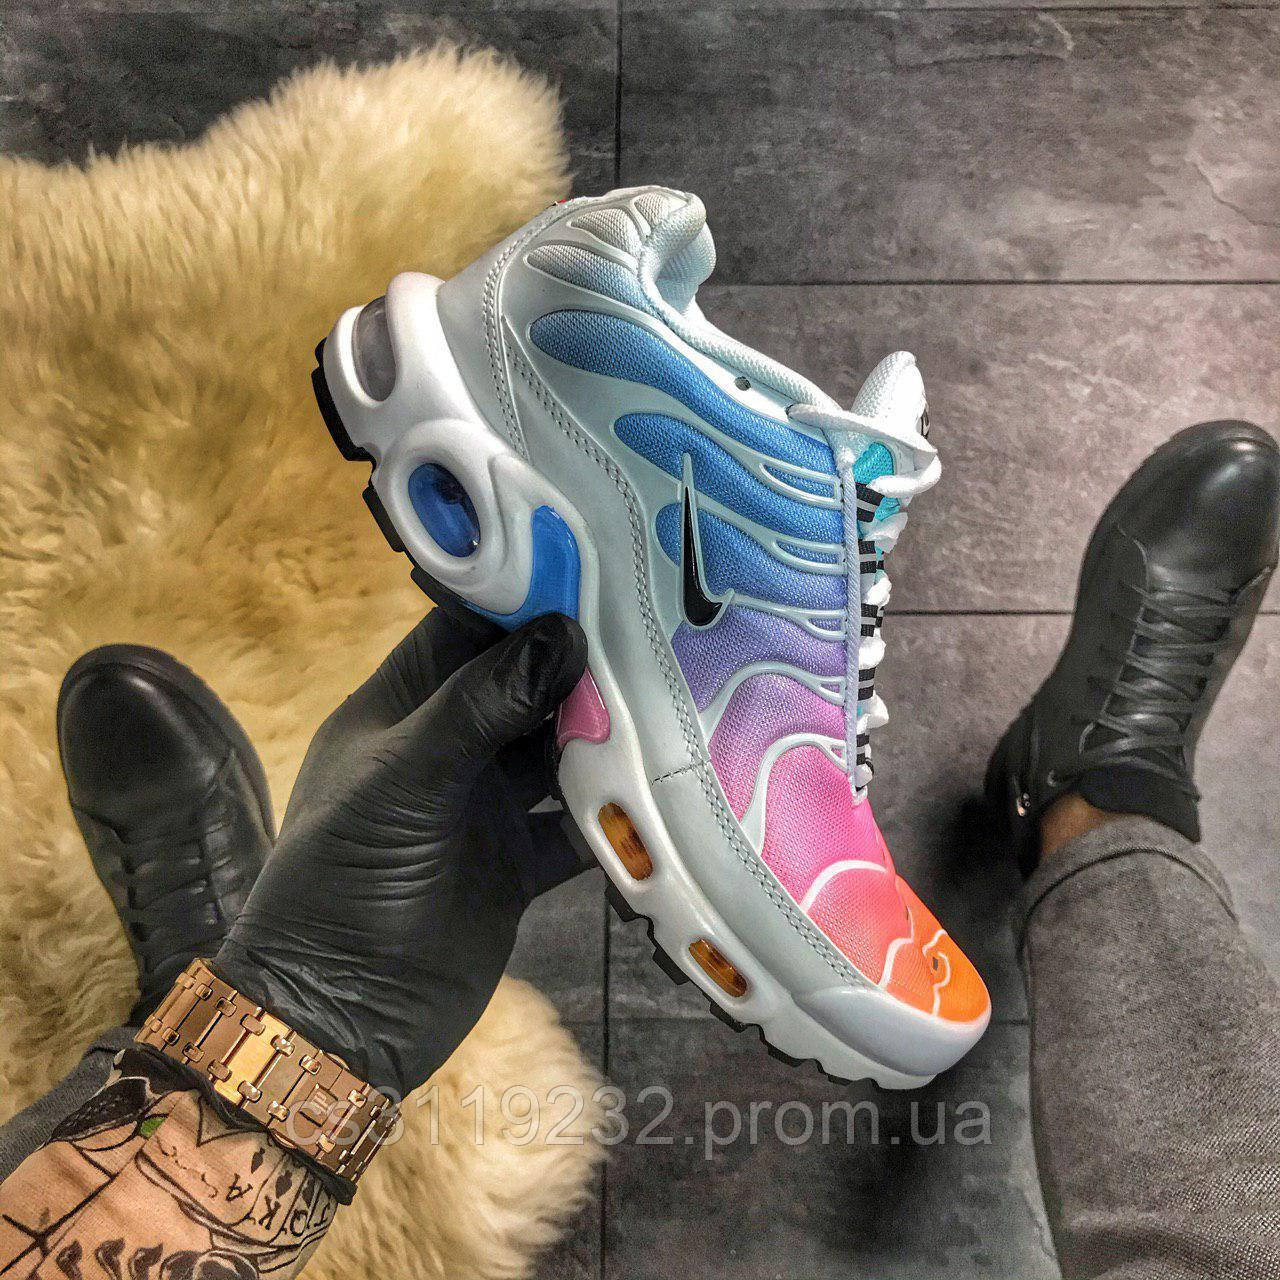 Жіночі кросівки Nike Air Max TN (багатобарвні)